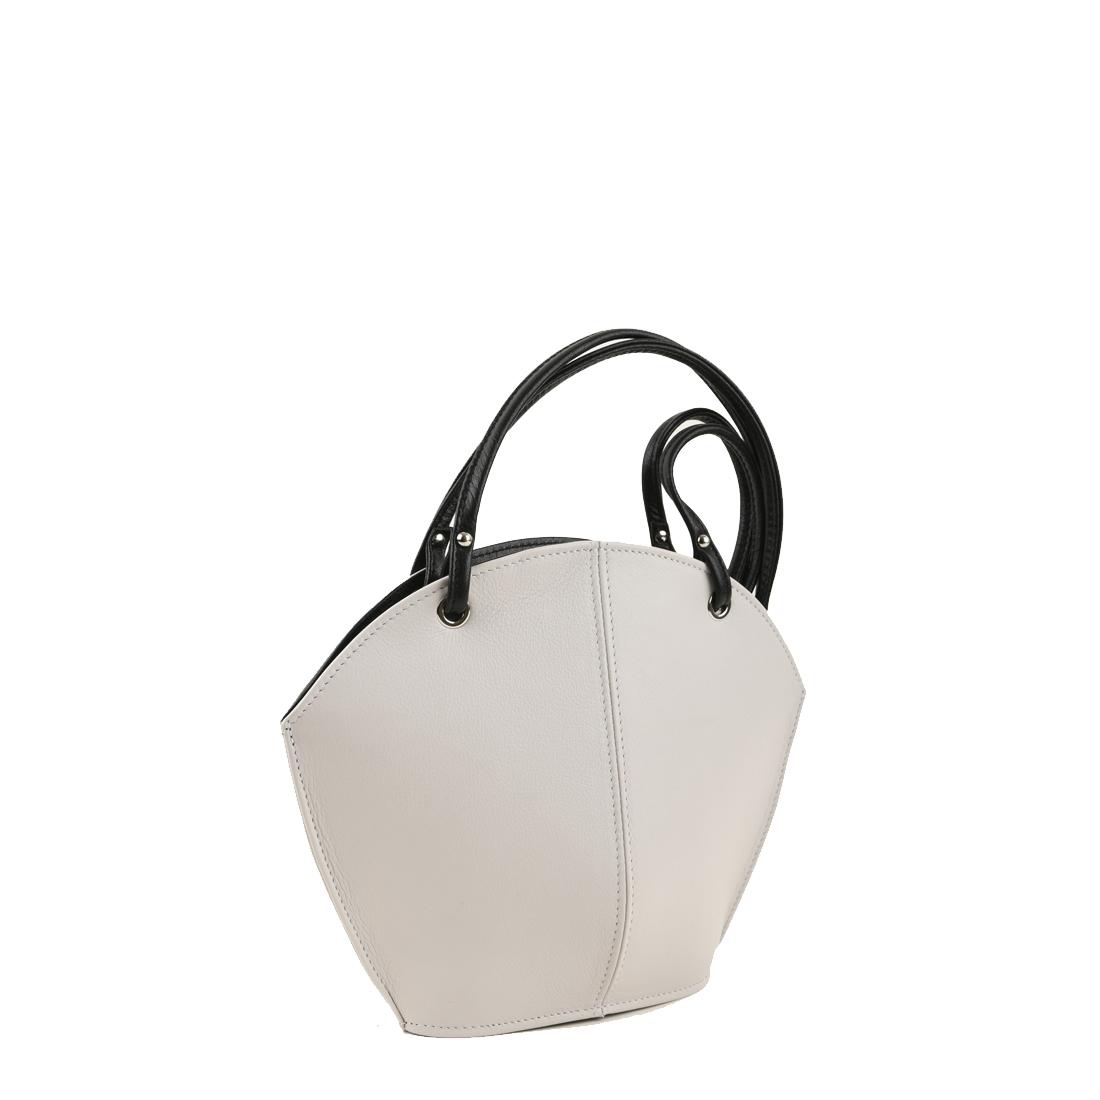 Ava Polvere Leather Shoulder Bag